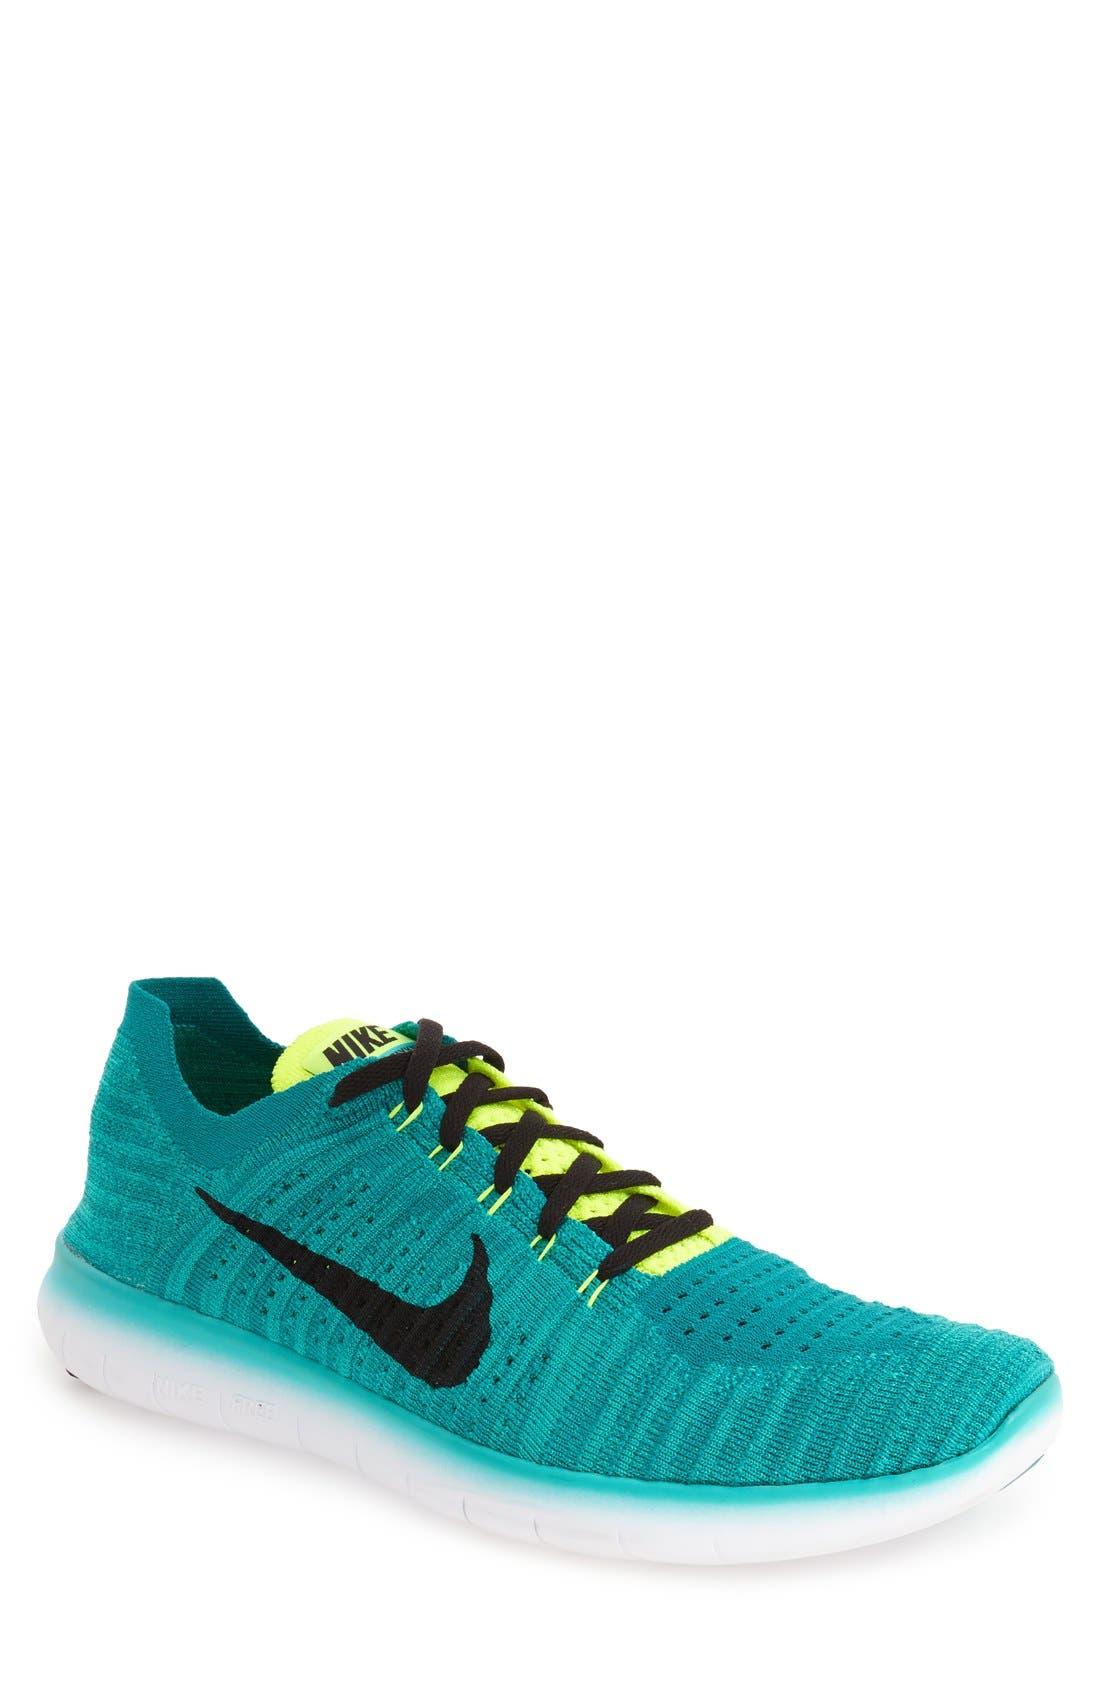 Alternate Image 1 Selected - Nike 'Free Run Flyknit' Running Shoe (Men)